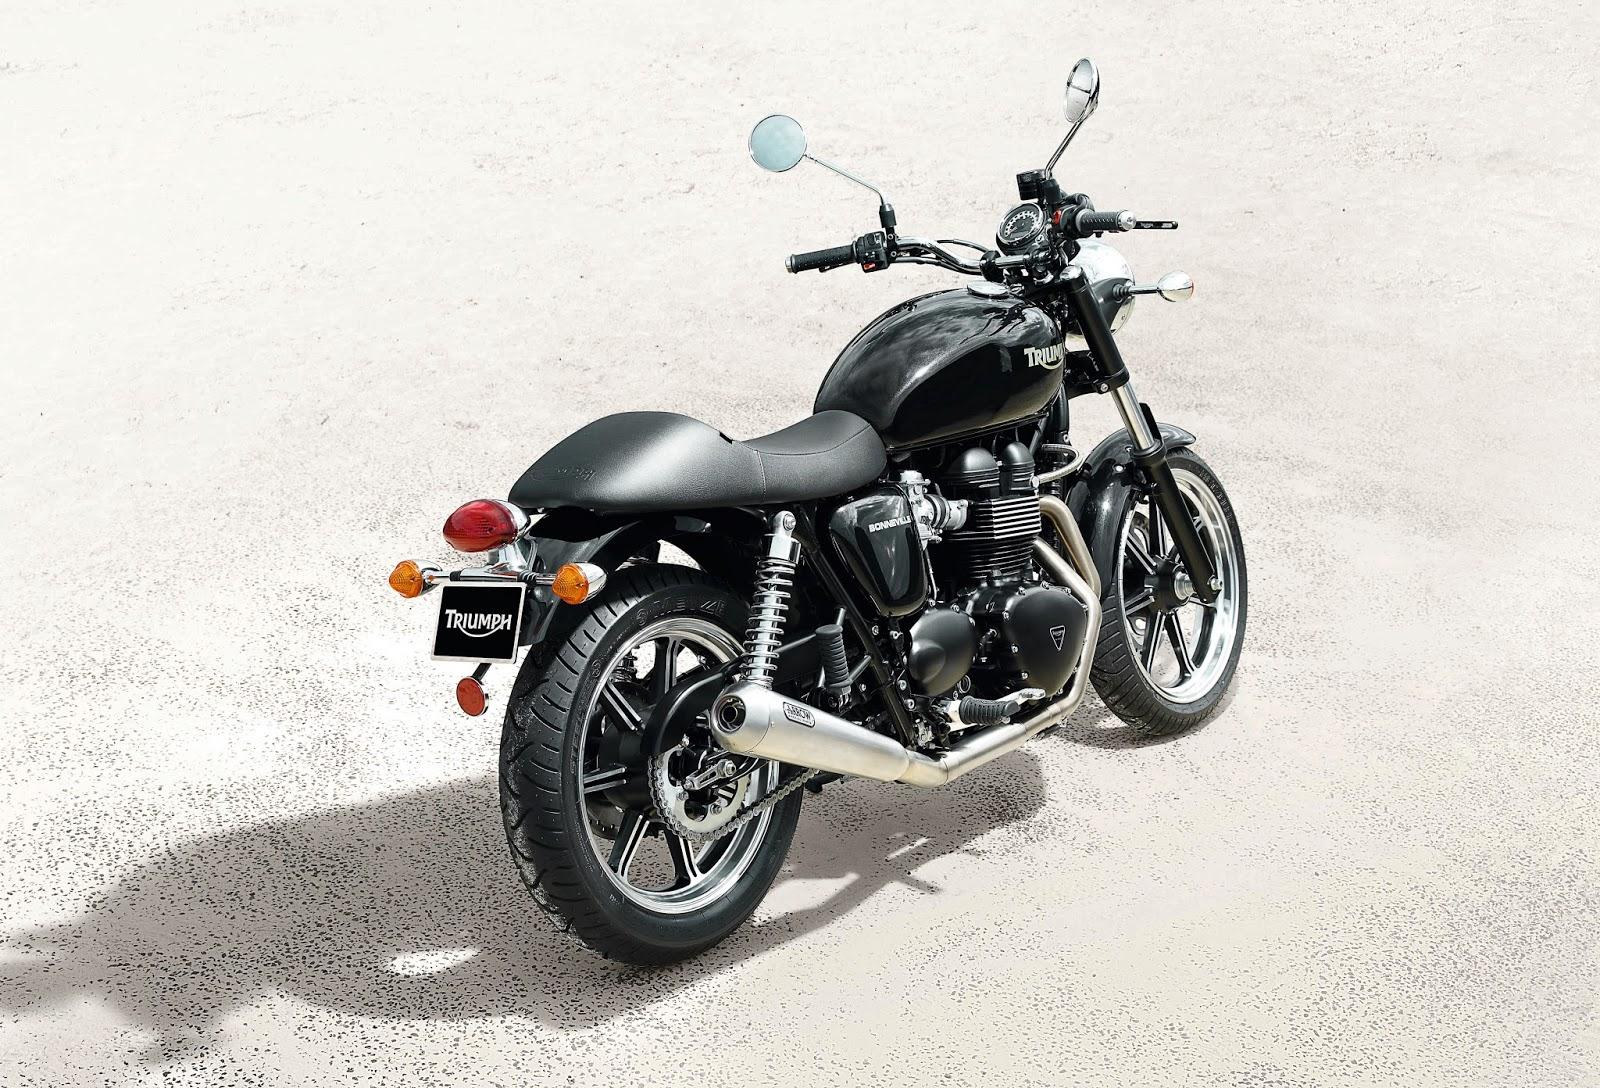 bonneville ist f r viele zweiradinteressierte das triumph motorrad aller zeiten schlechthin. Black Bedroom Furniture Sets. Home Design Ideas